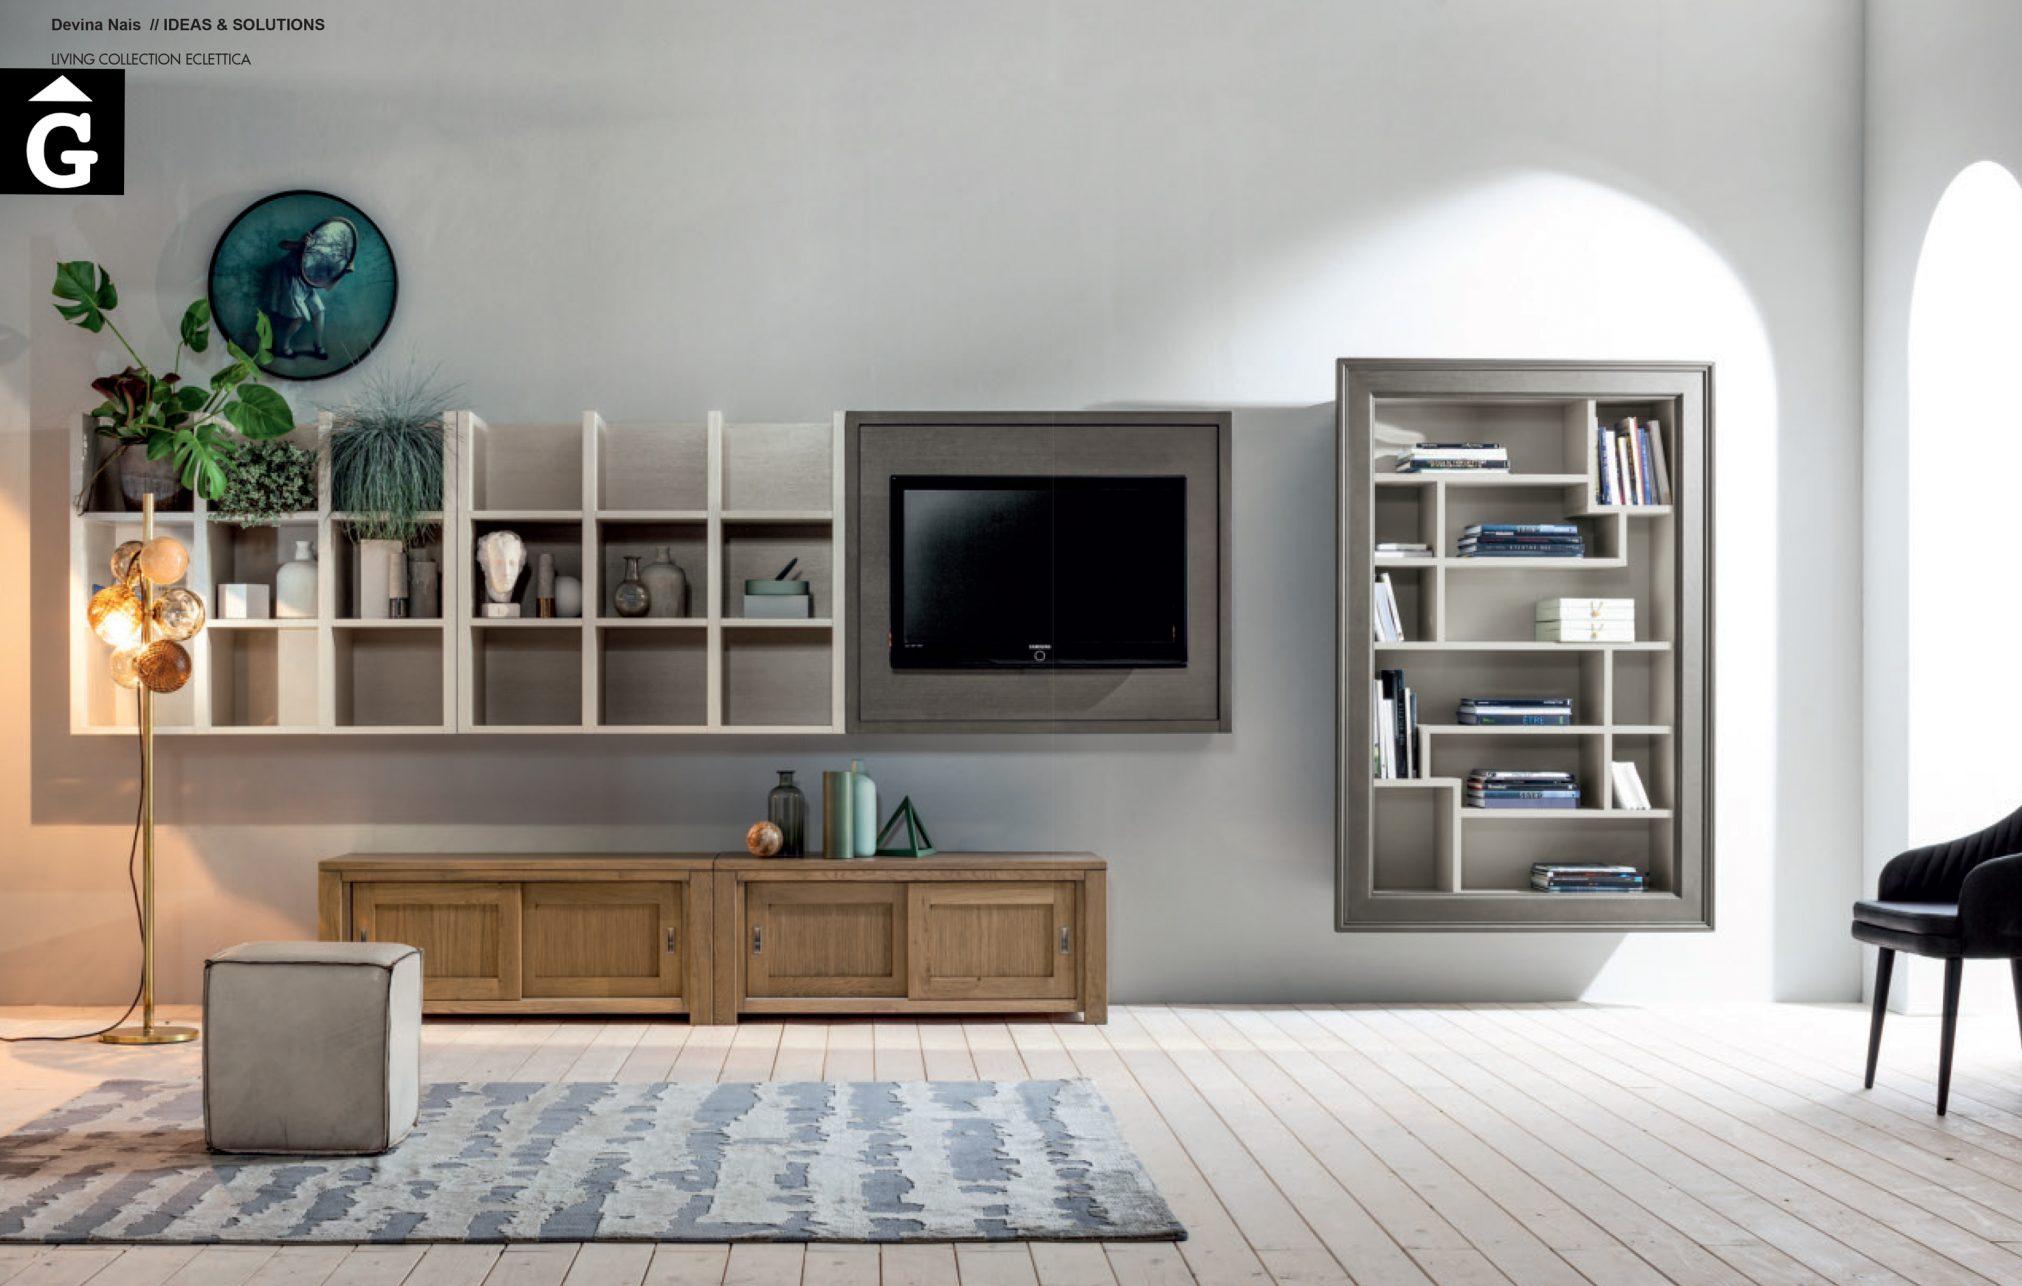 Moble massís roure Tv i llibreria Eclettica Devina Nais V2 by mobles Gifreu